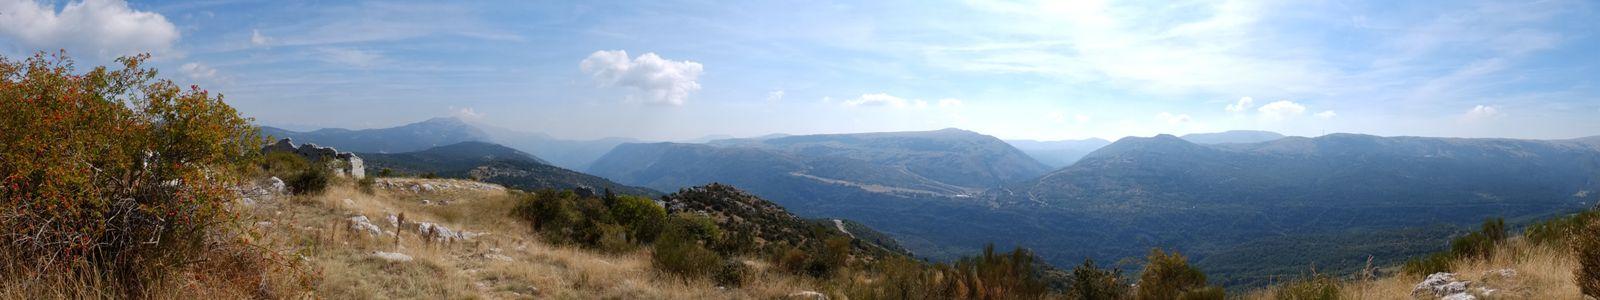 Le castellaras couvre une surface de 8800 m2. Il est situé à 1400m d'altitude. L'enceinte semble avoir été construite au XIVème siècle.